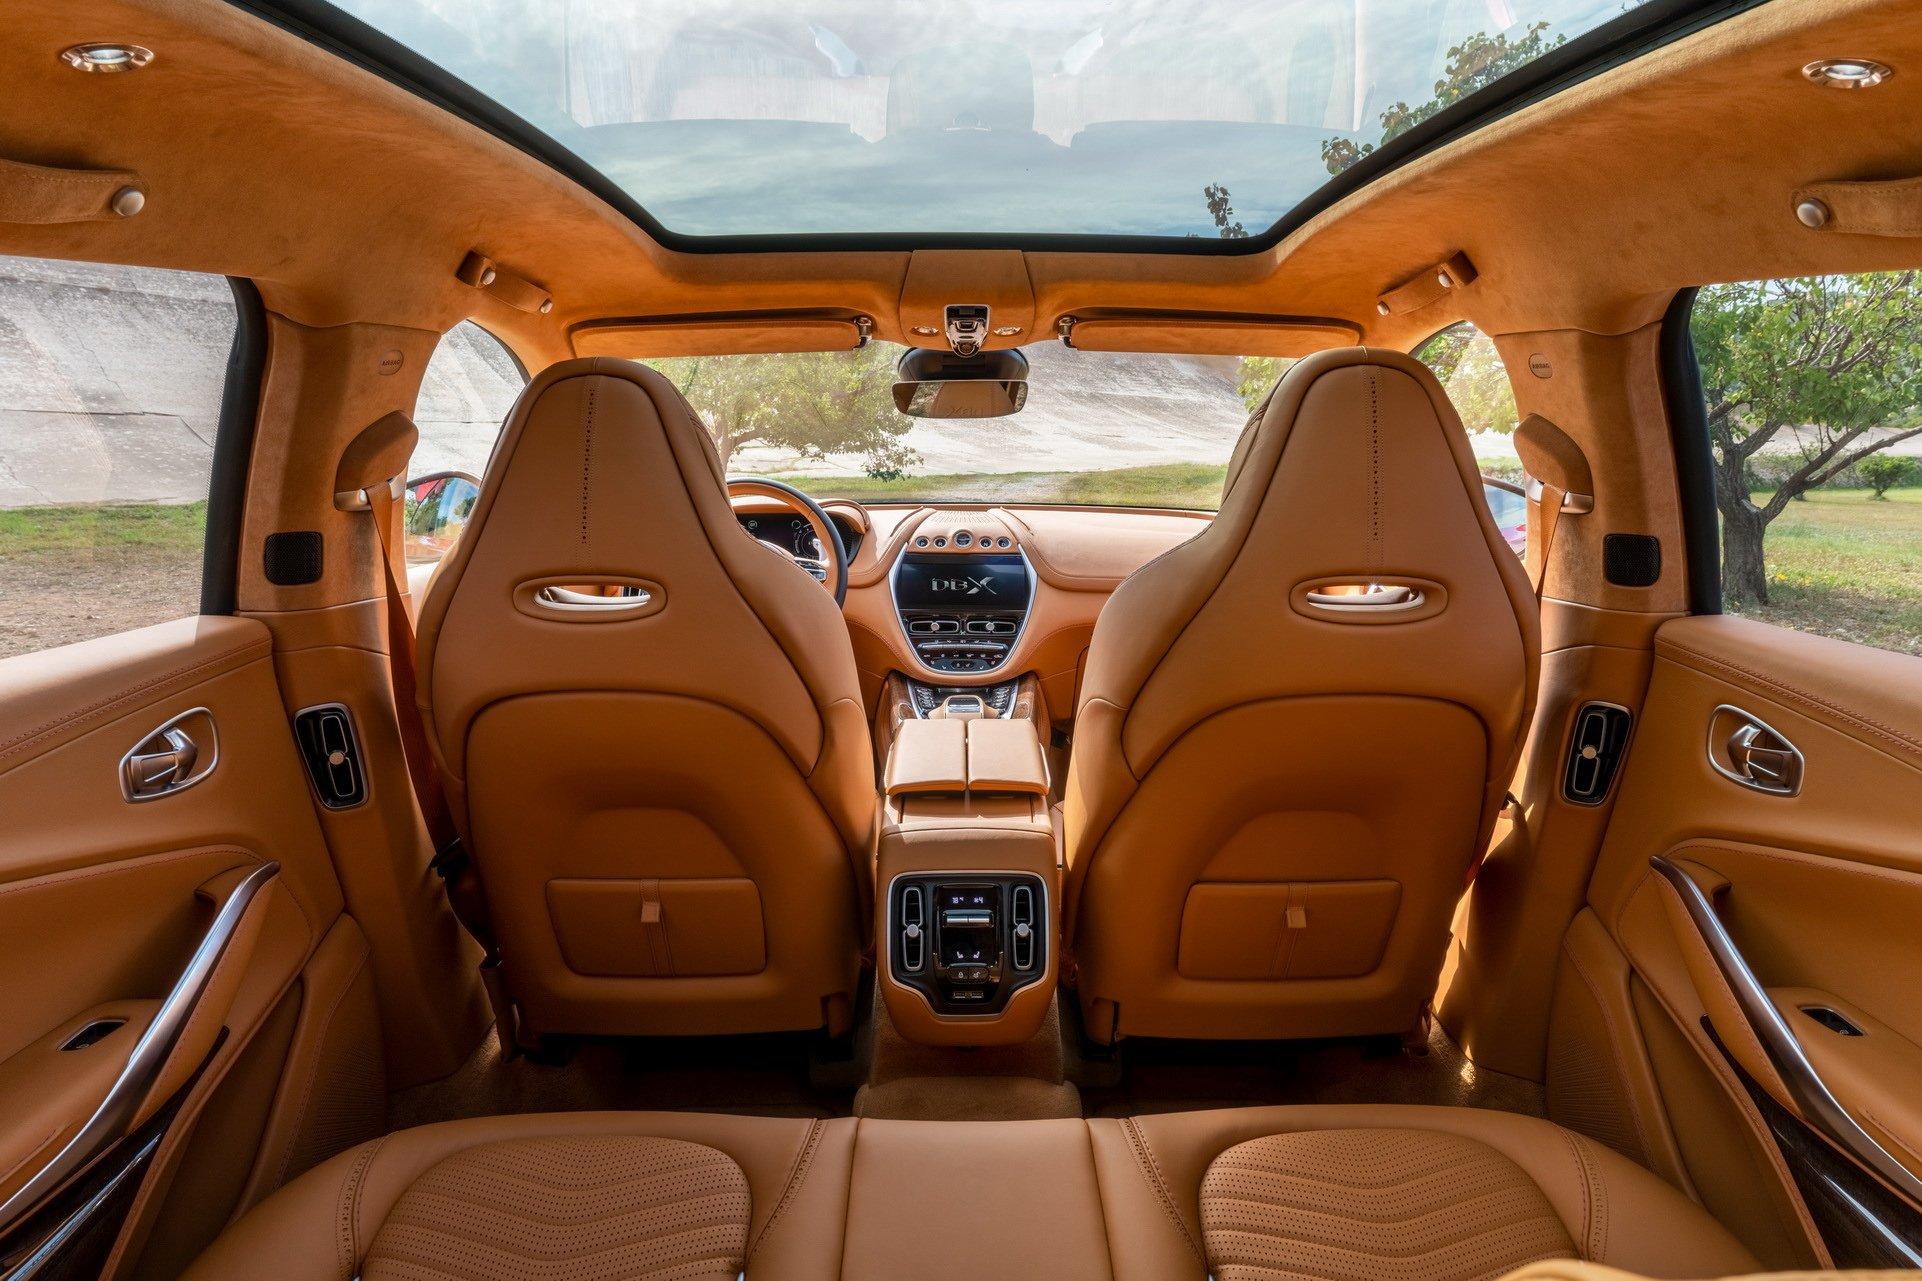 Aston Martin DBX - SUV siêu sang đầu tiên dành cho các đại gia - 14